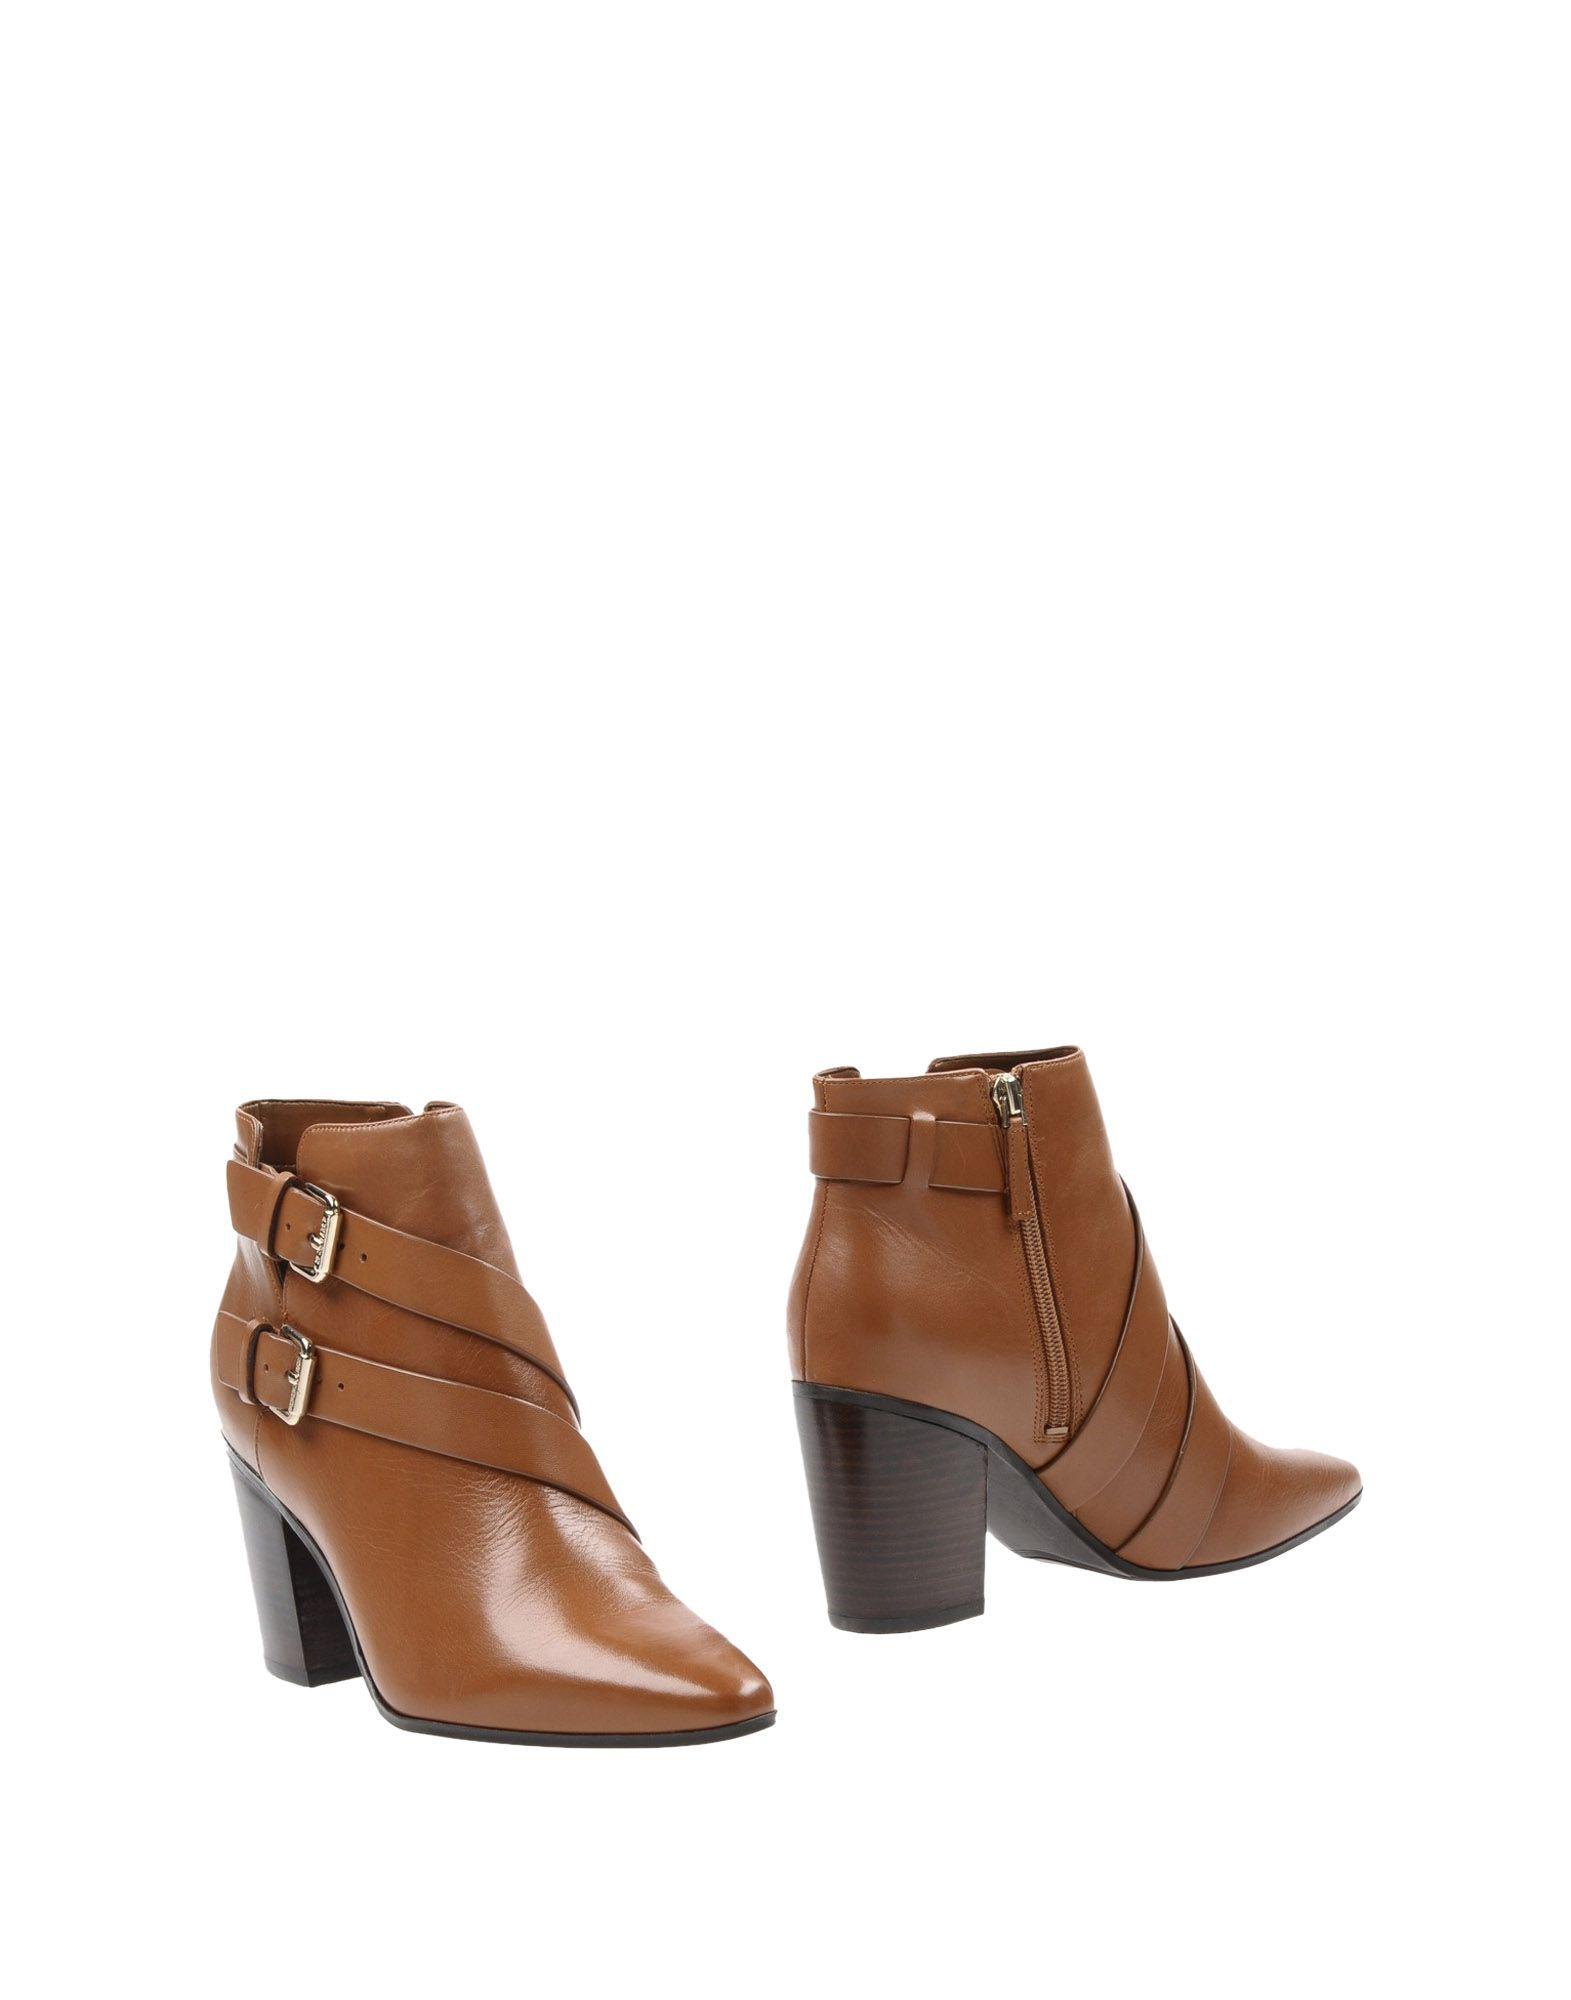 Guess 11288014TB Stiefelette Damen  11288014TB Guess Gute Qualität beliebte Schuhe 6d5cca